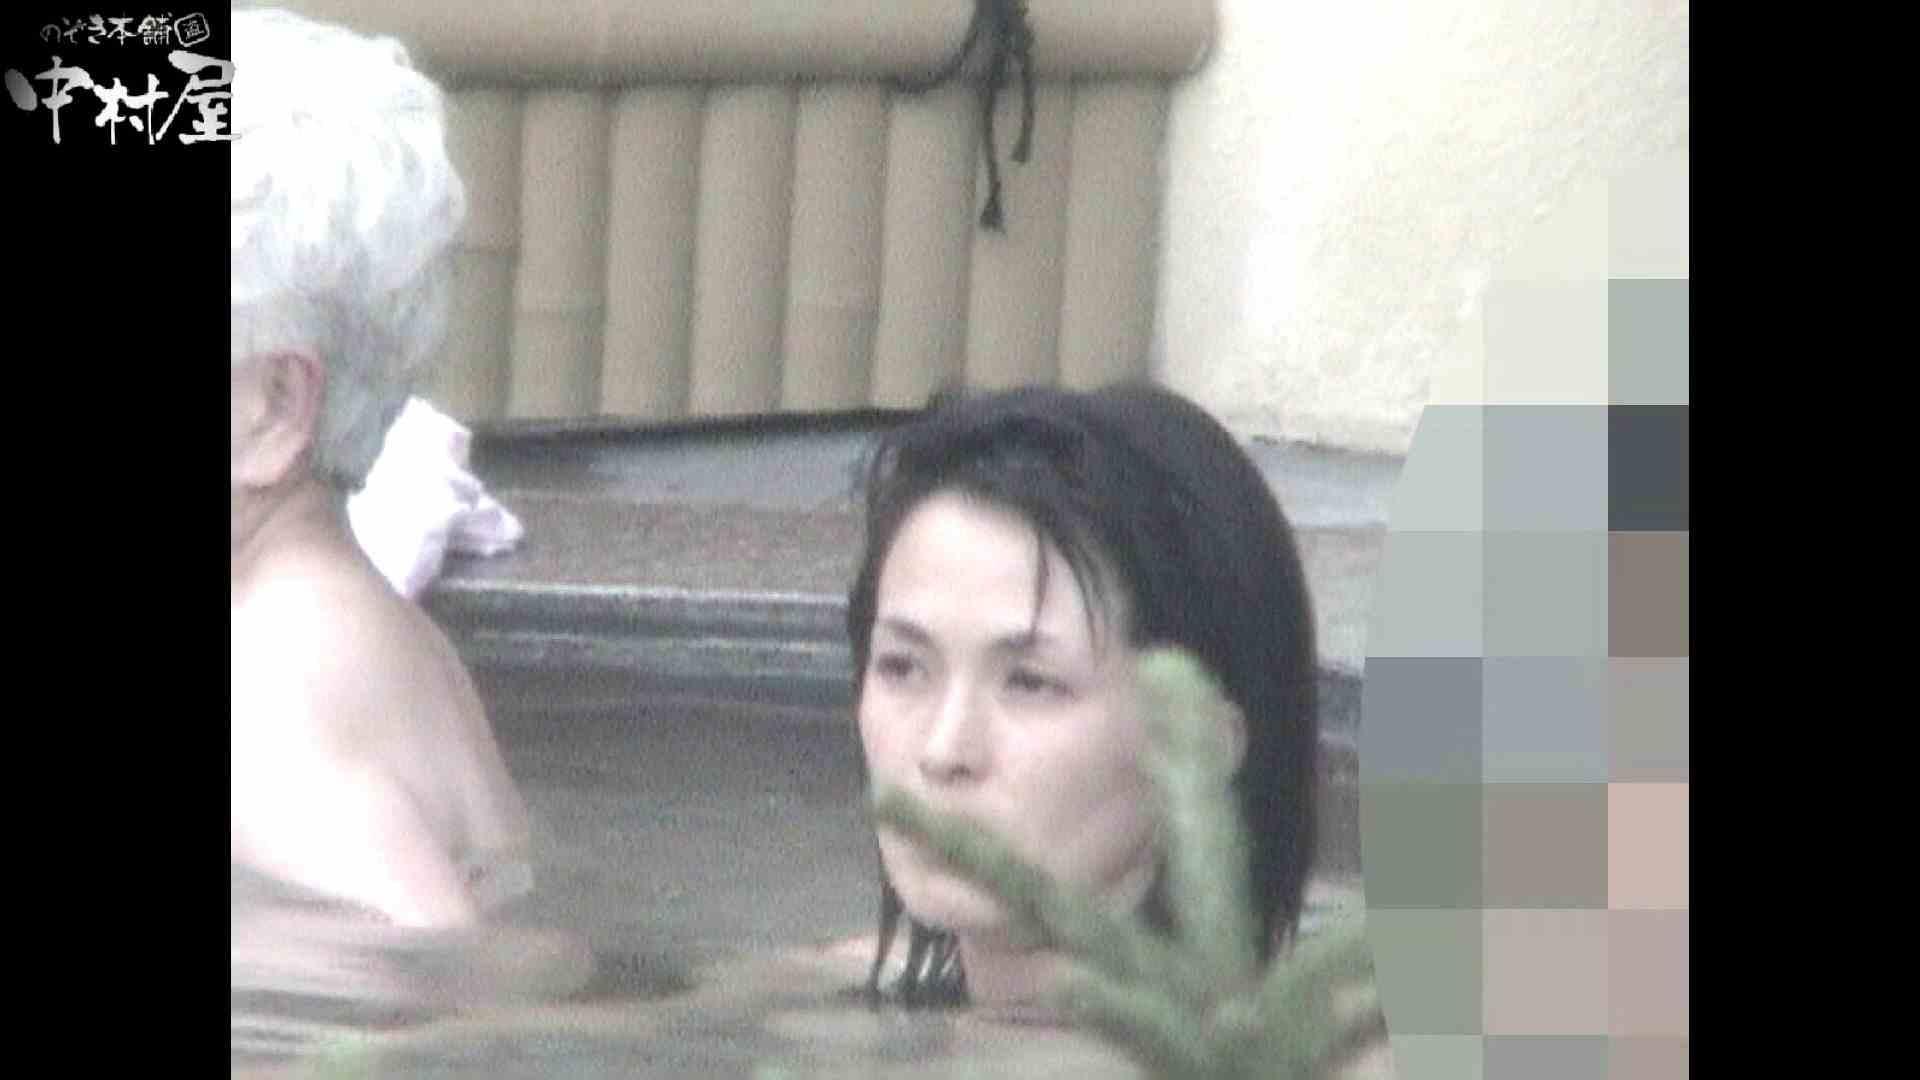 Aquaな露天風呂Vol.933 OLエロ画像  78PICs 12